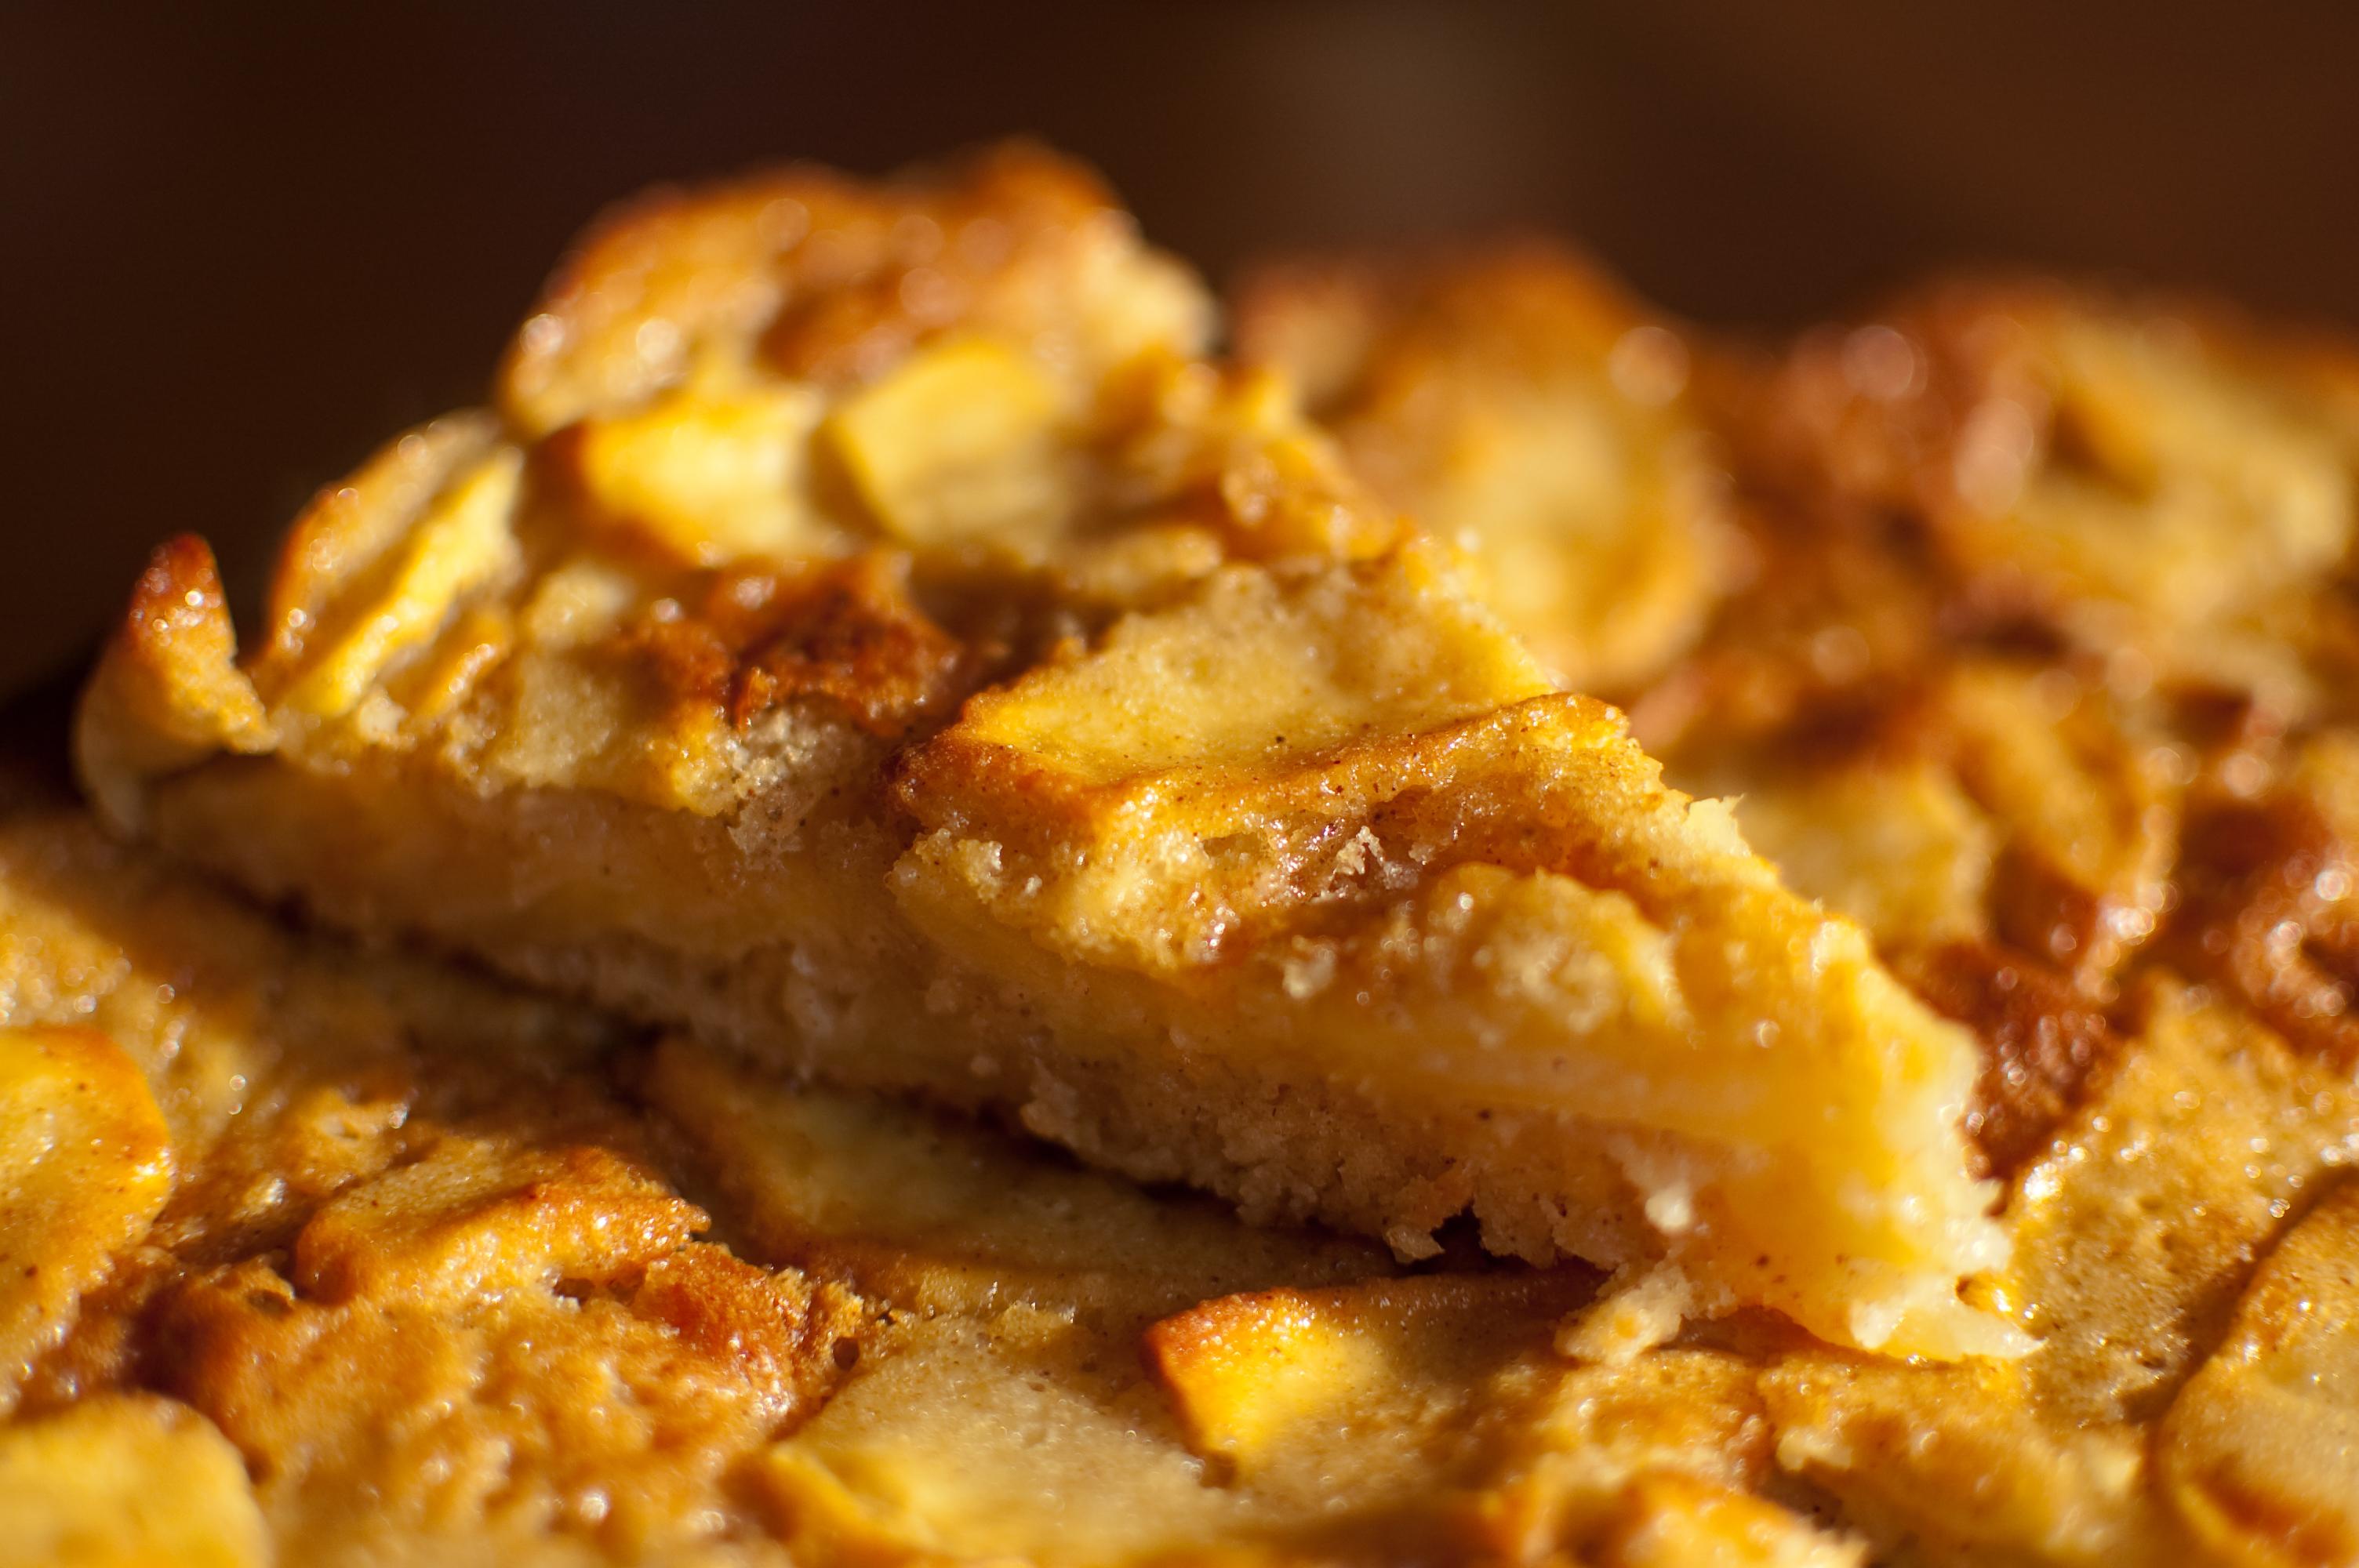 Mille e più ricette per le torte di compleanno sane su www.tortadimele.it